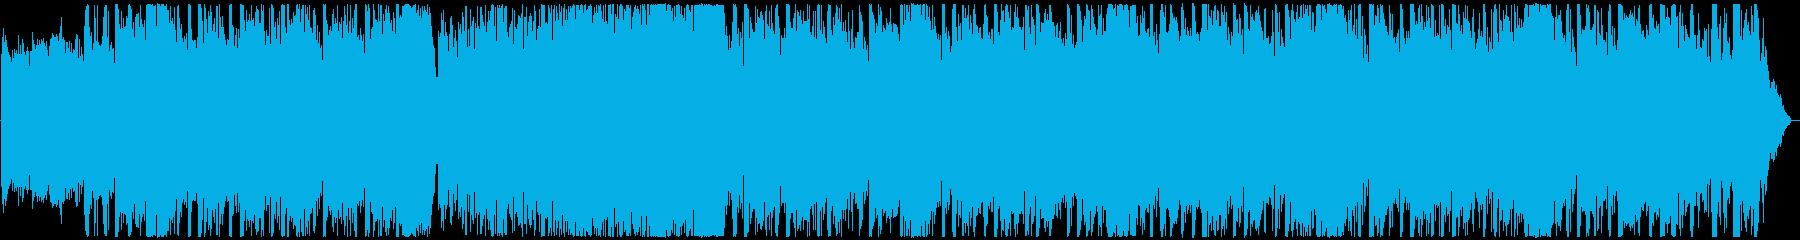 サスペンス。サイケデリック、悲しい...の再生済みの波形